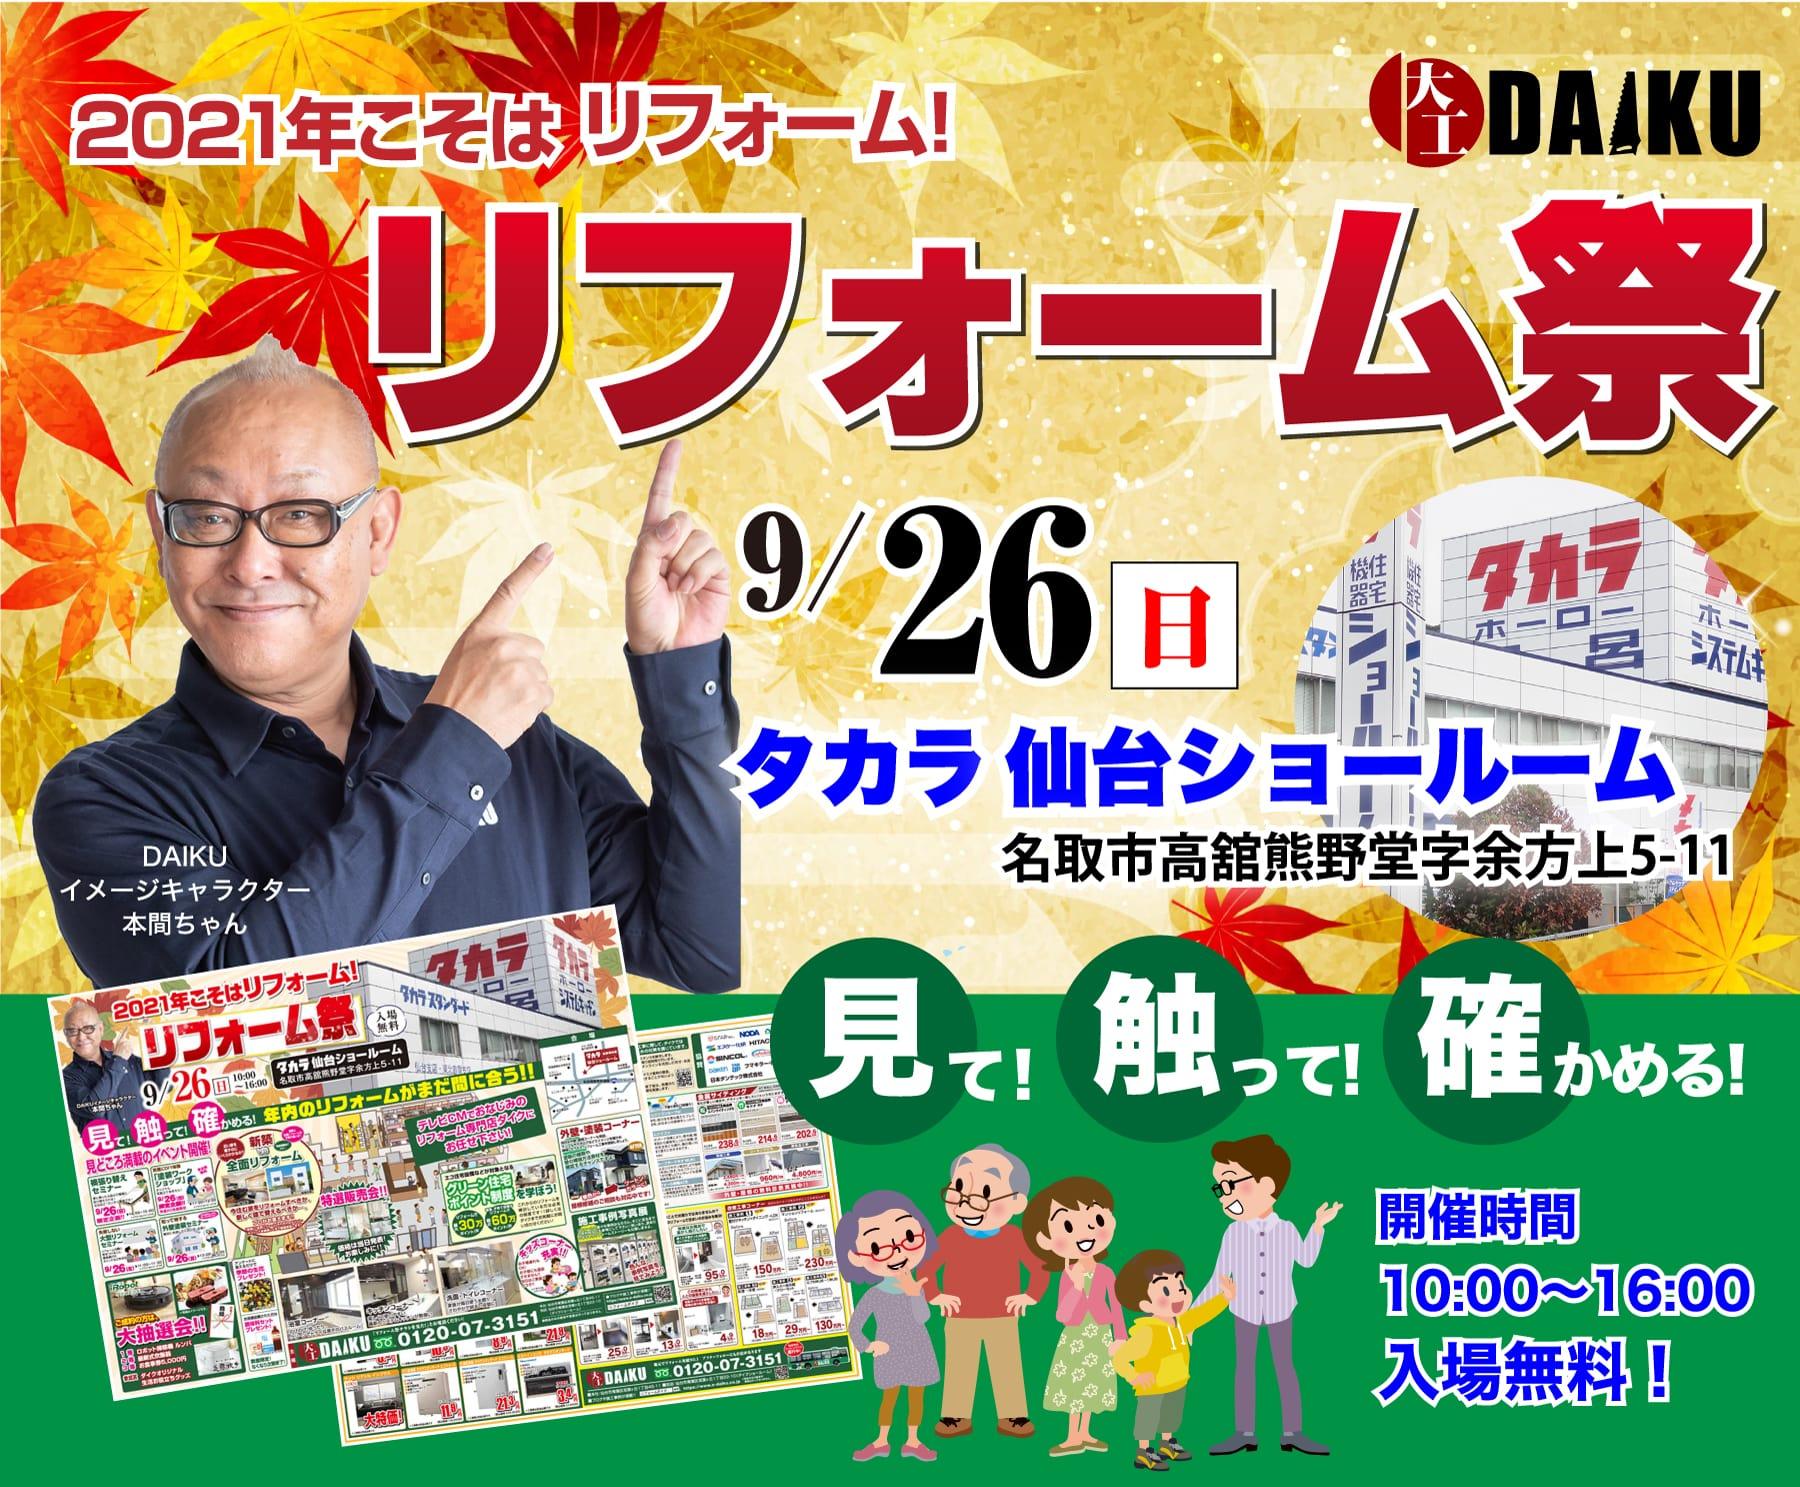 仙台のリフォーム専門店 ダイク 1021年こそはリフォーム!リフォーム祭り inタカラ仙台ショールーム